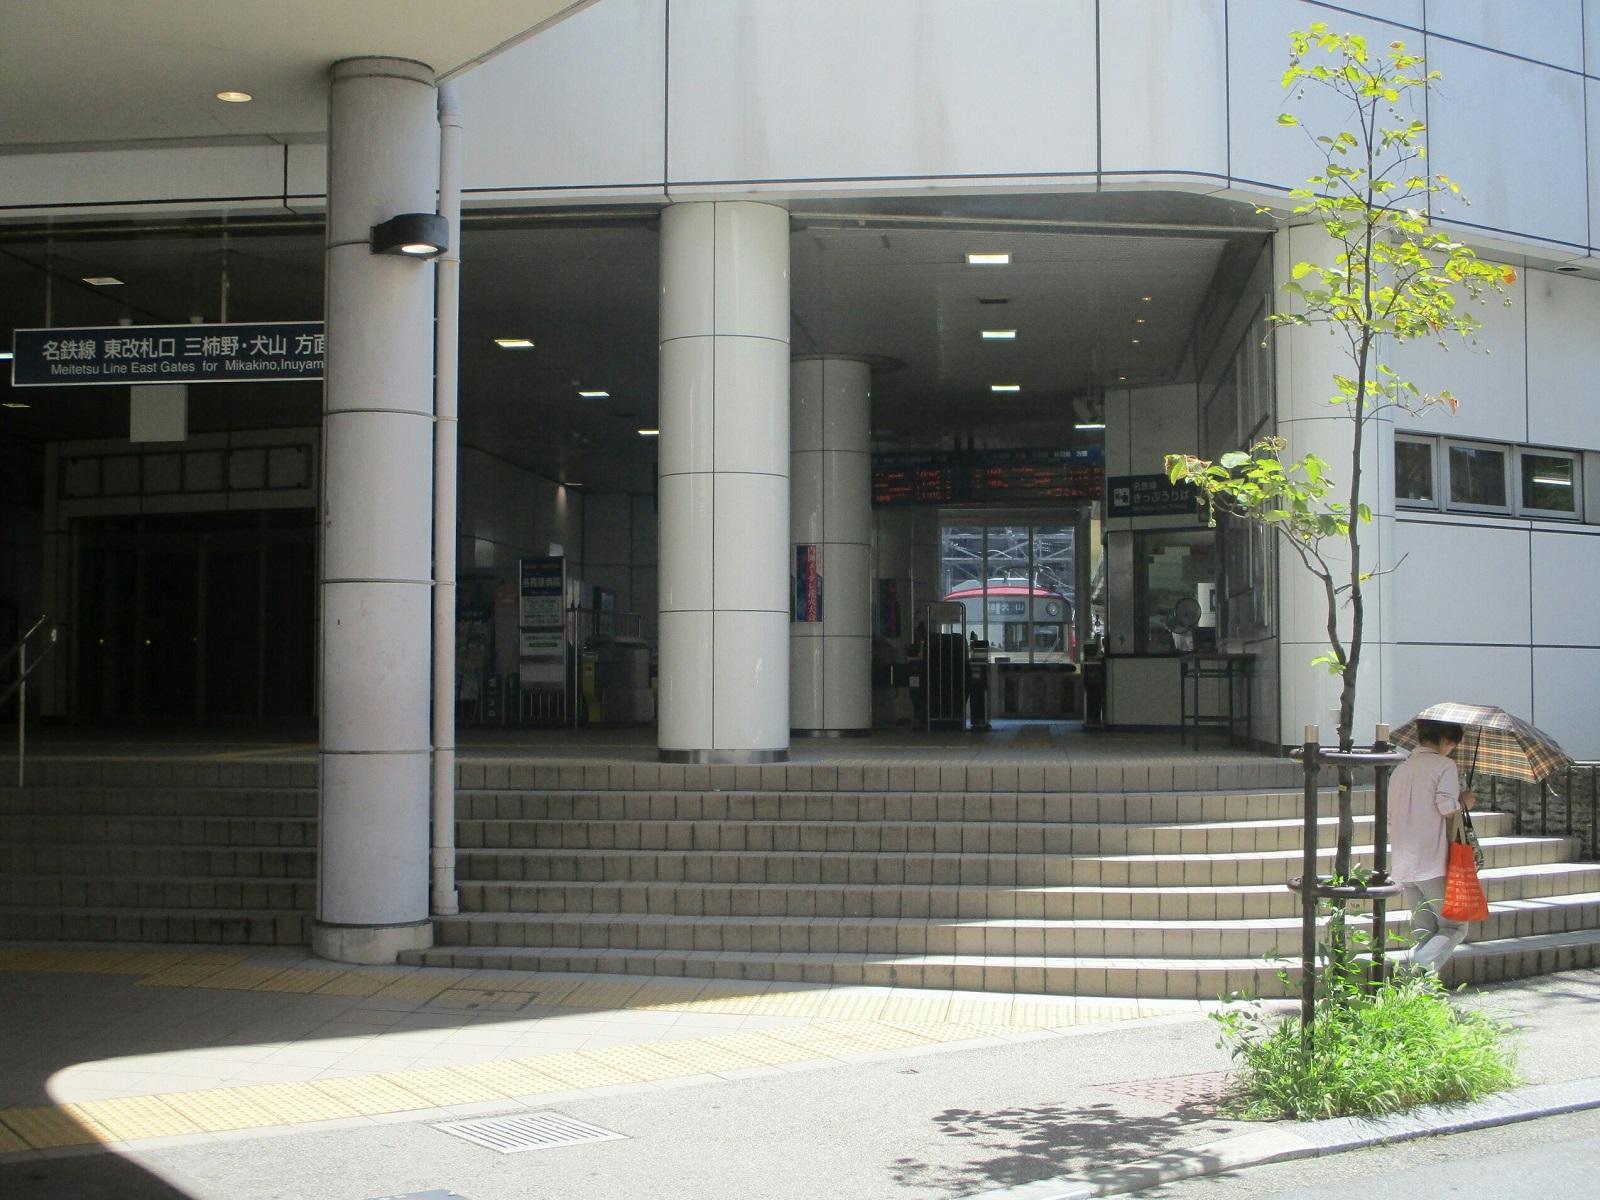 2018.8.17 (34) 岐阜 - かいさつ(各務原線) 1600-1200